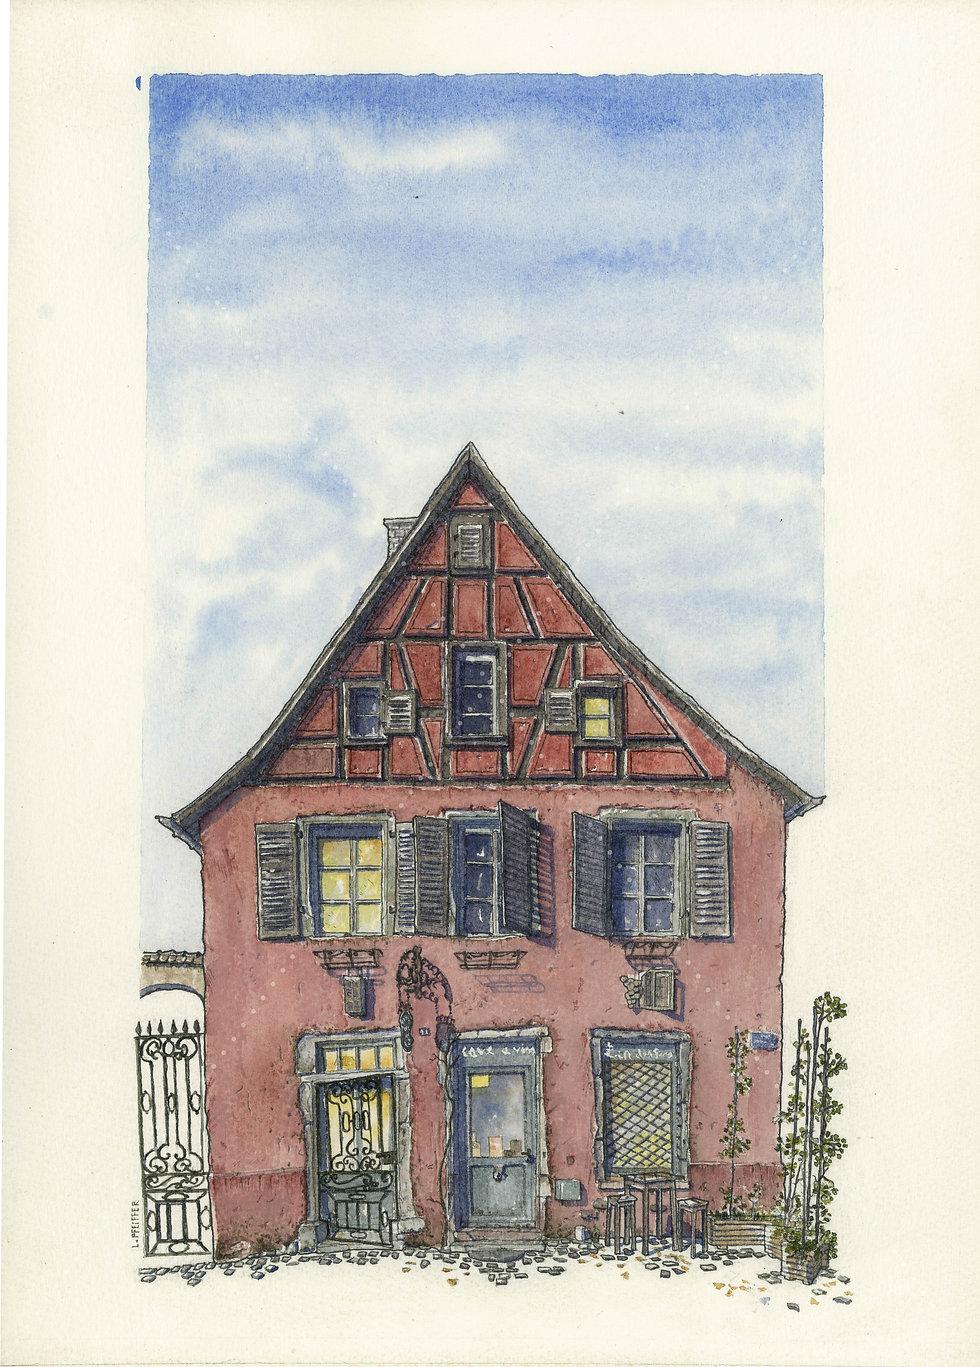 """Lucas Pfeiffer, """"Maison alsacienne"""" Colmar, France, aquarelle et gouache sur papier, 29,7x42cm, 2018"""